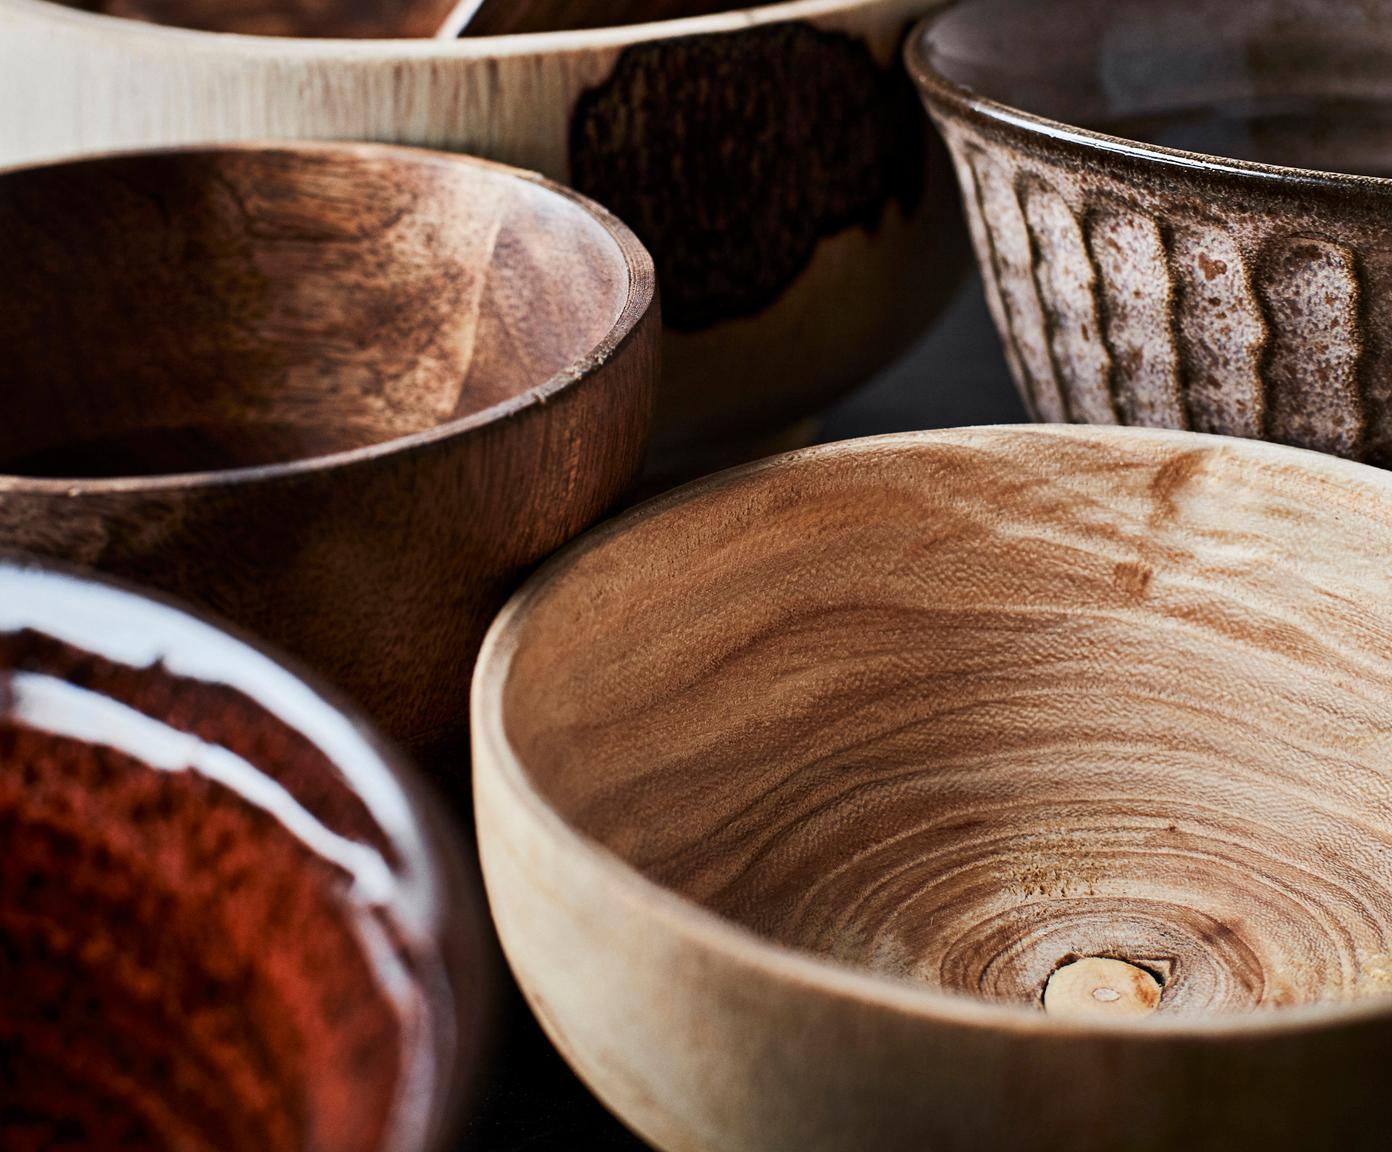 Schälchen Sandry aus Holz, Paulowniaholz, ölbehandelt, Beige, Ø 14 x H 7 cm